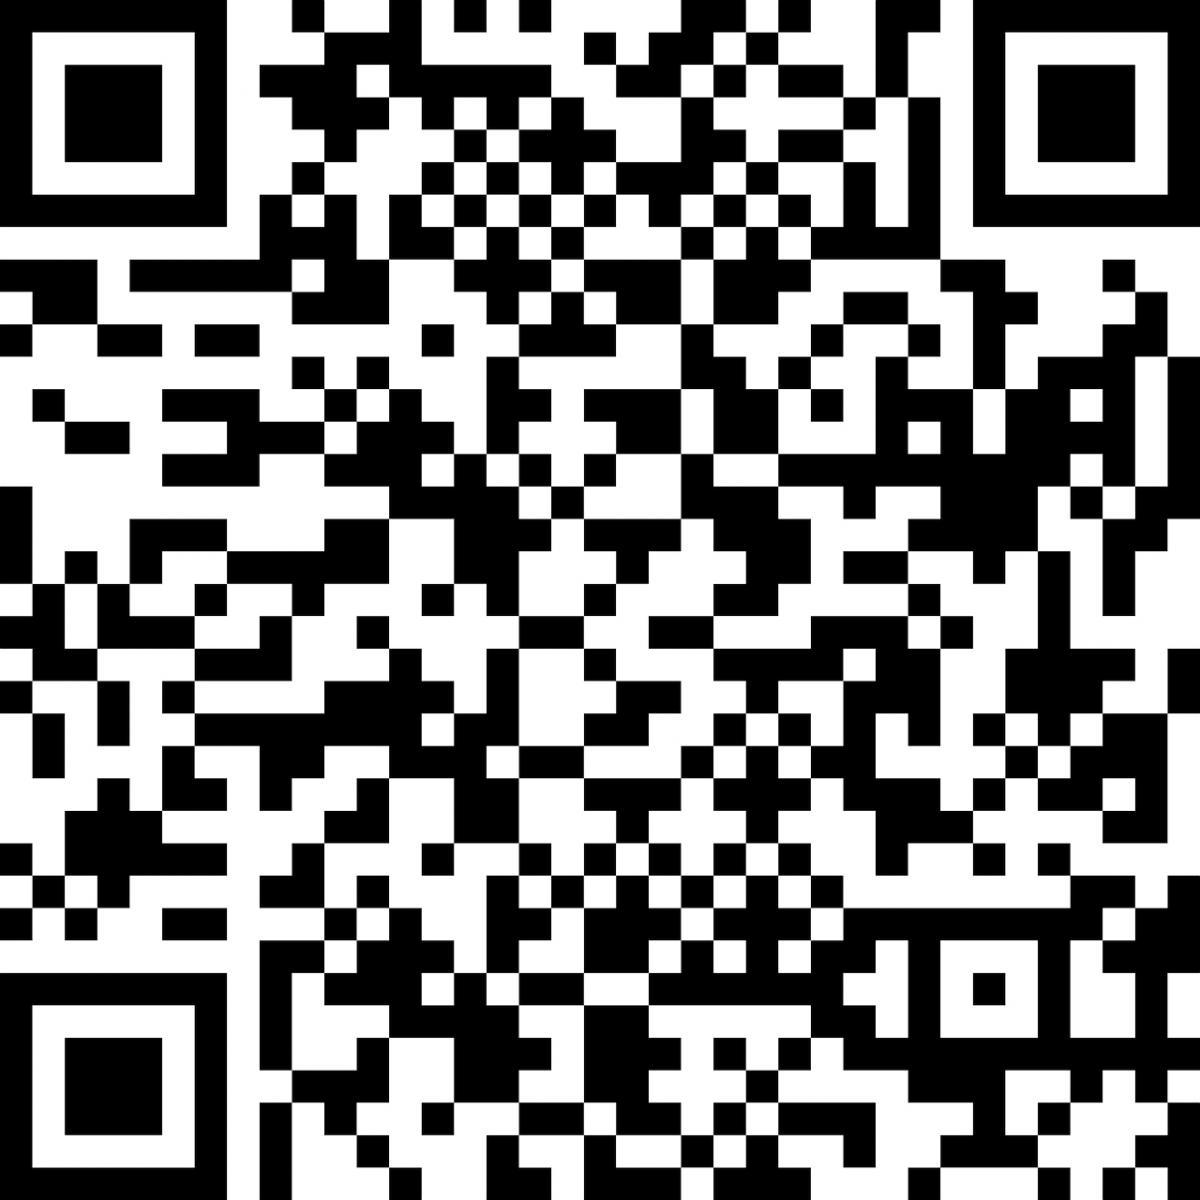 【じつはスマホが登場する前から存在】「QRコード」を発明したのはクルマ関連の会社だった!